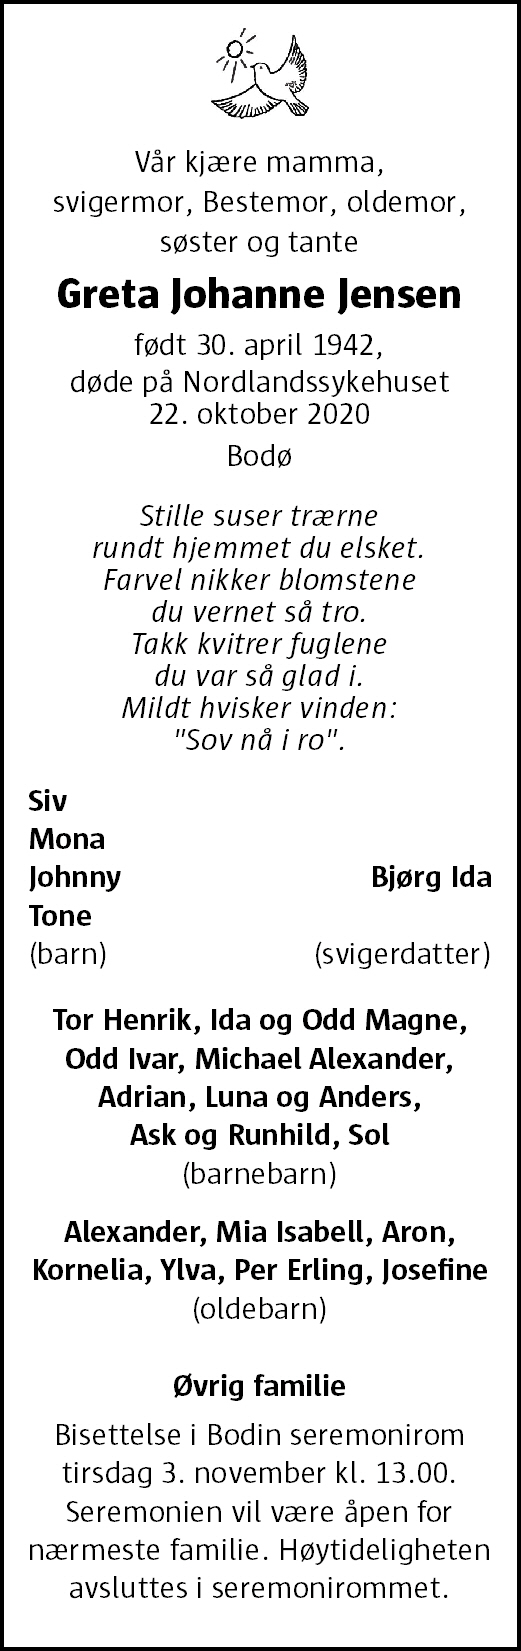 Greta Johanne Jensen Dødsannonse